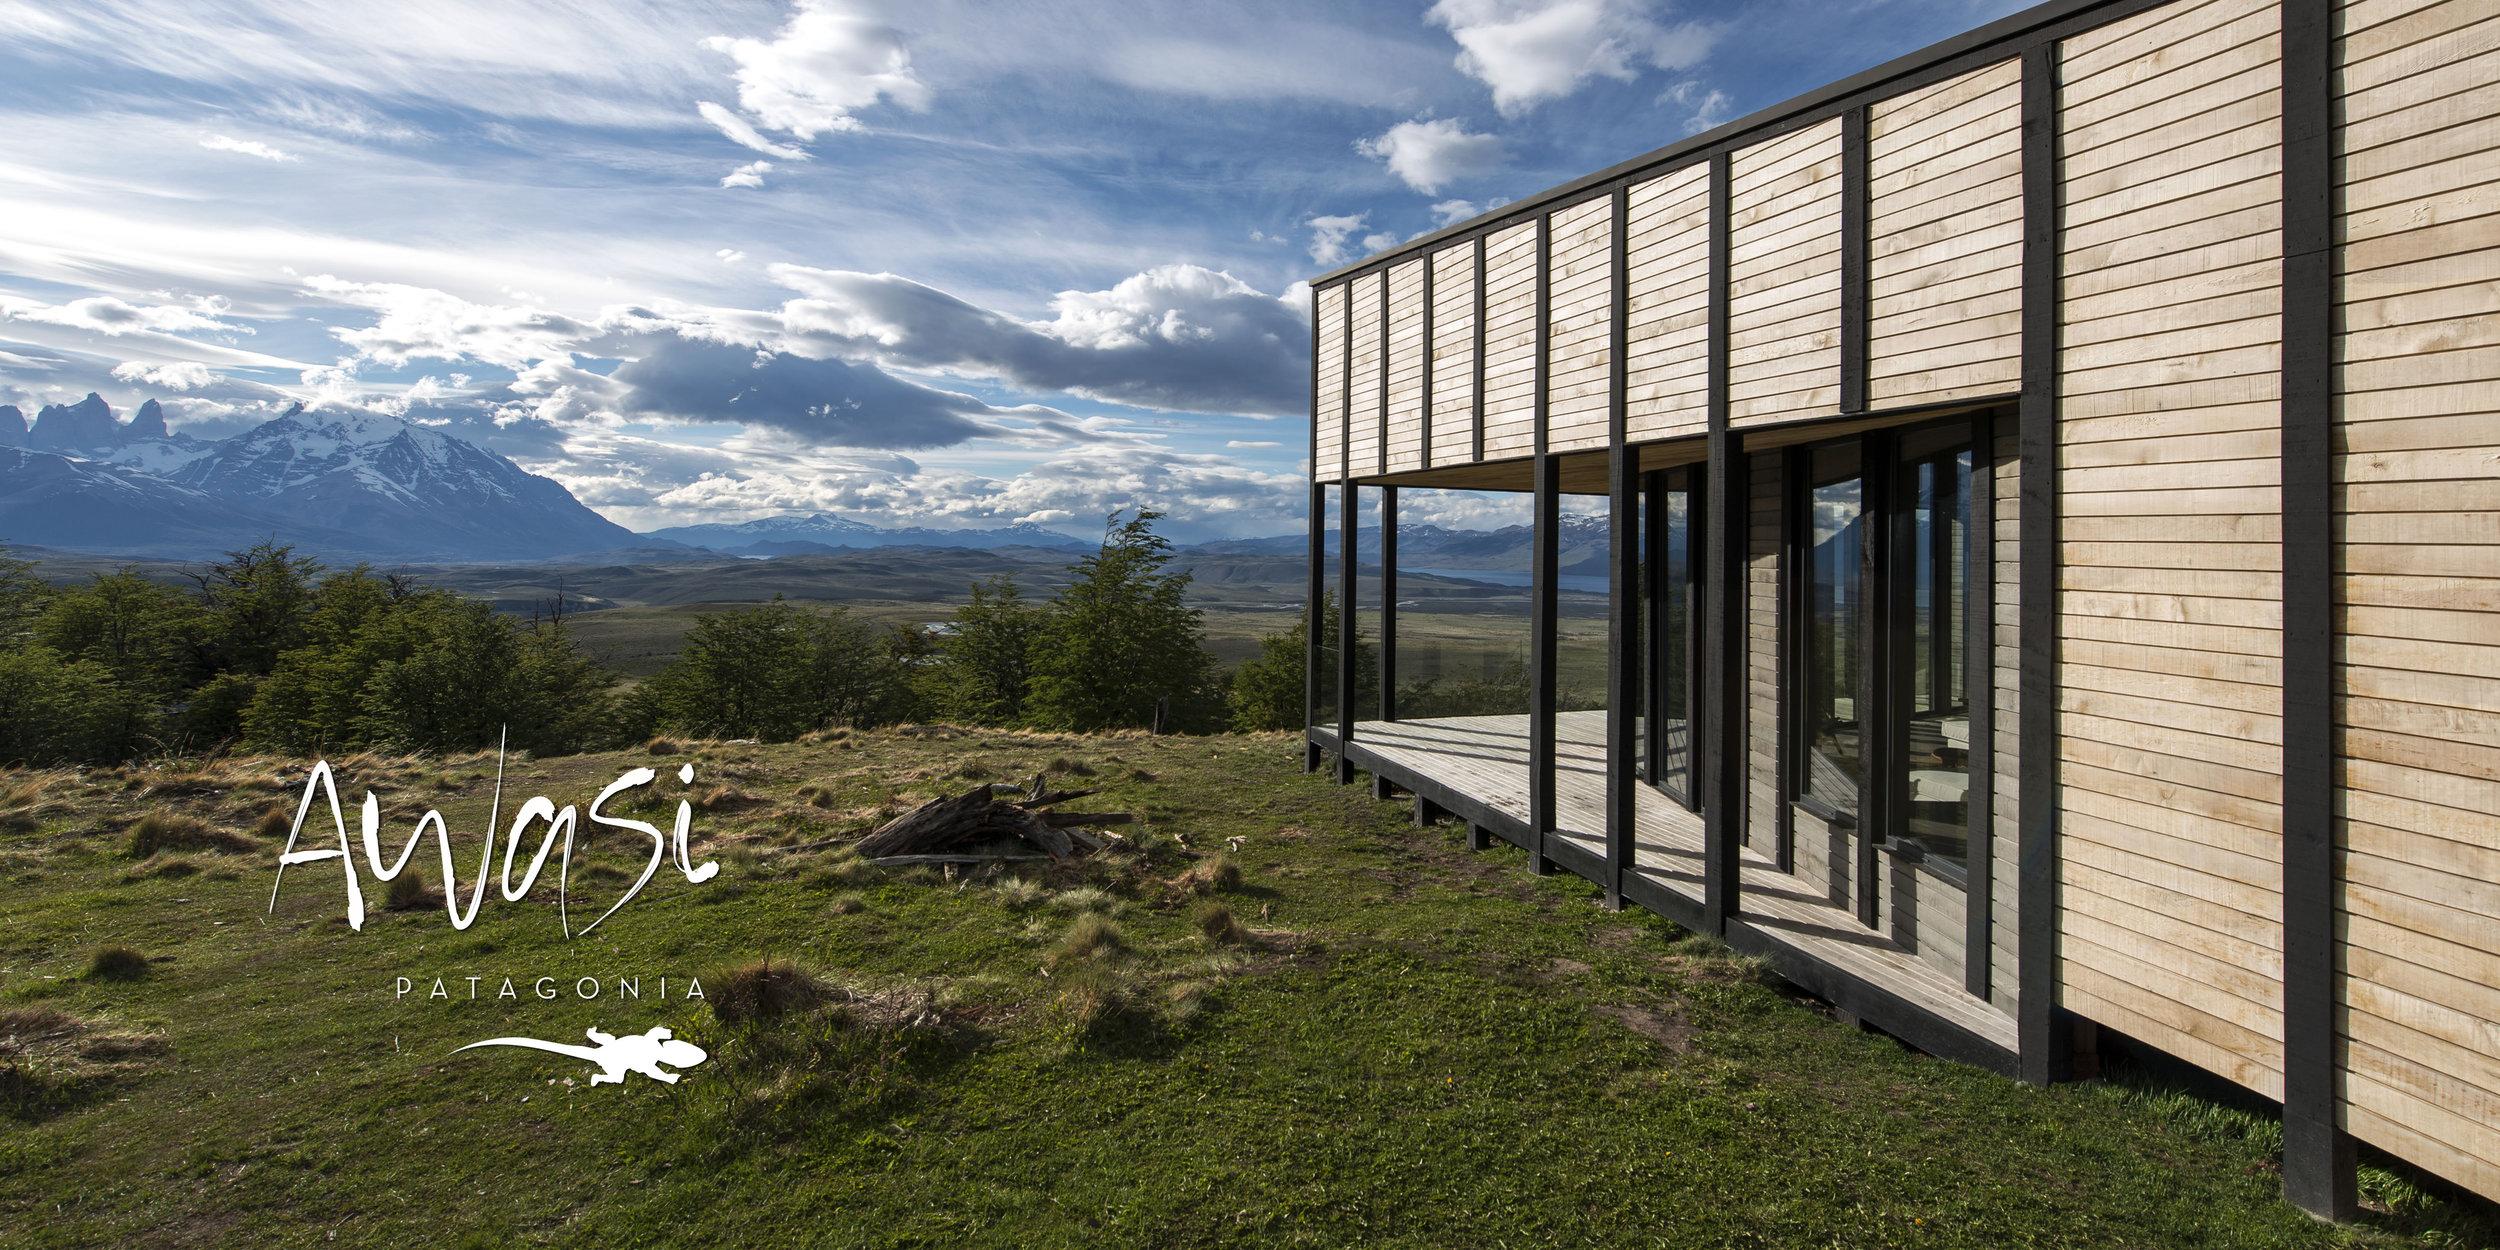 Awasi Patagonia Web Images8-2.jpg